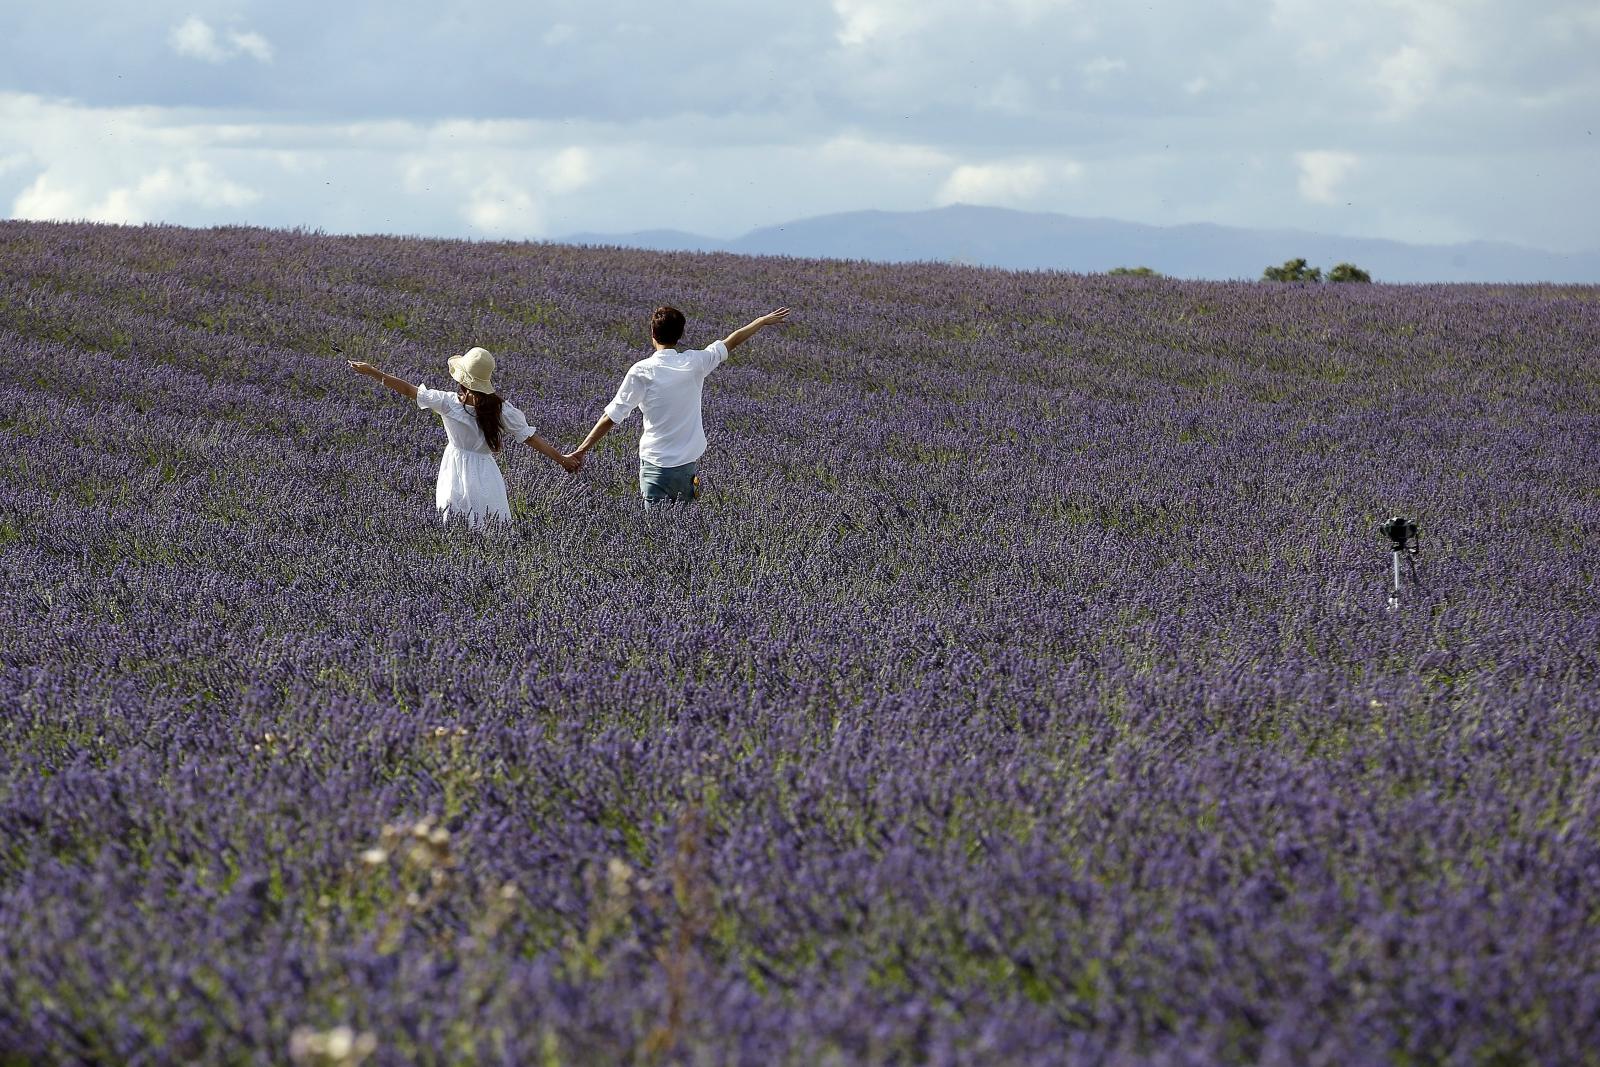 Turyście przechadzają się po polach lawendy w Valensole, Francja.